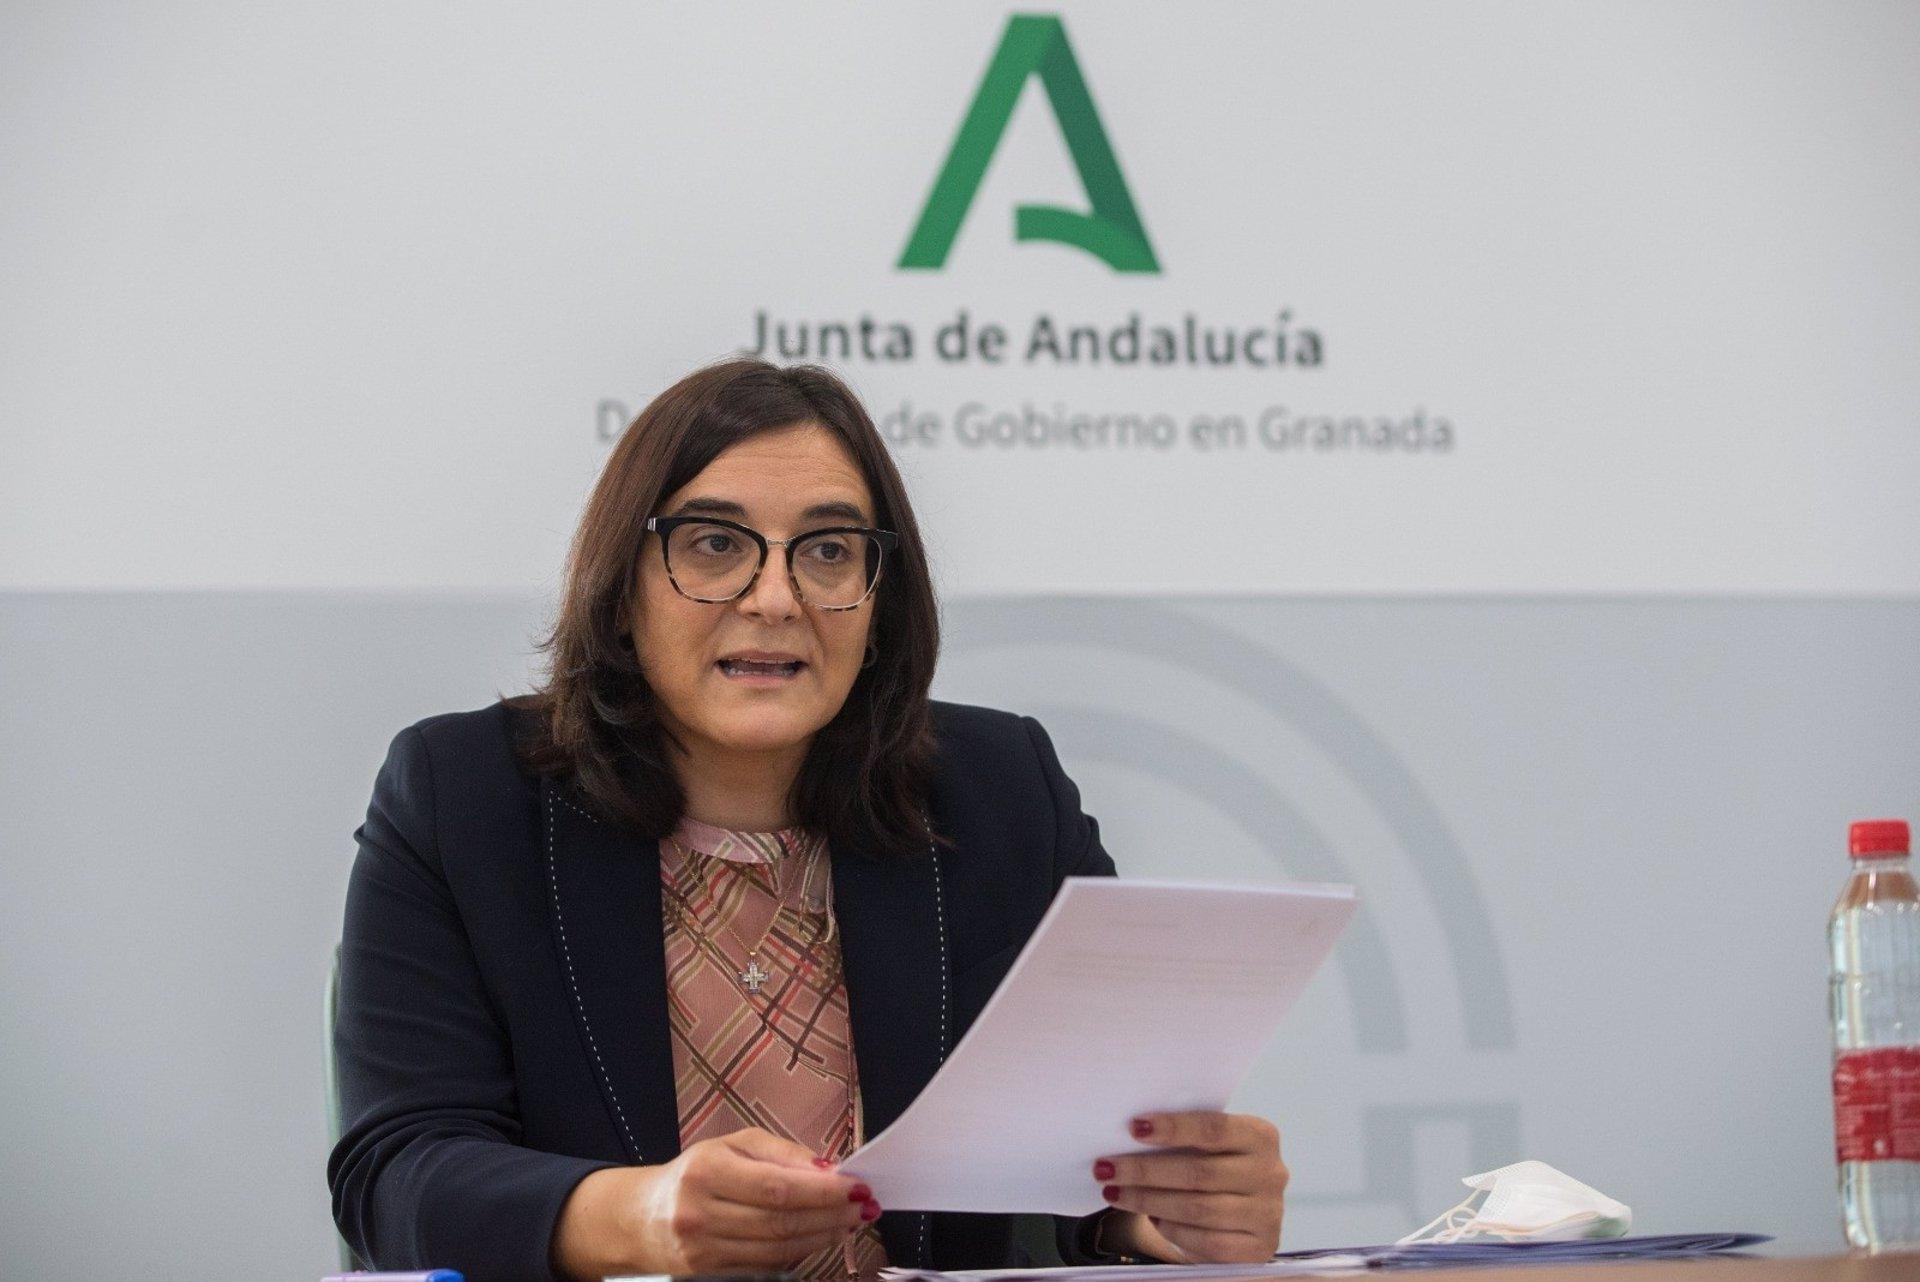 La Junta considera «insuficiente» la reducción de módulos del IRPF 2020 para agricultores y ganaderos